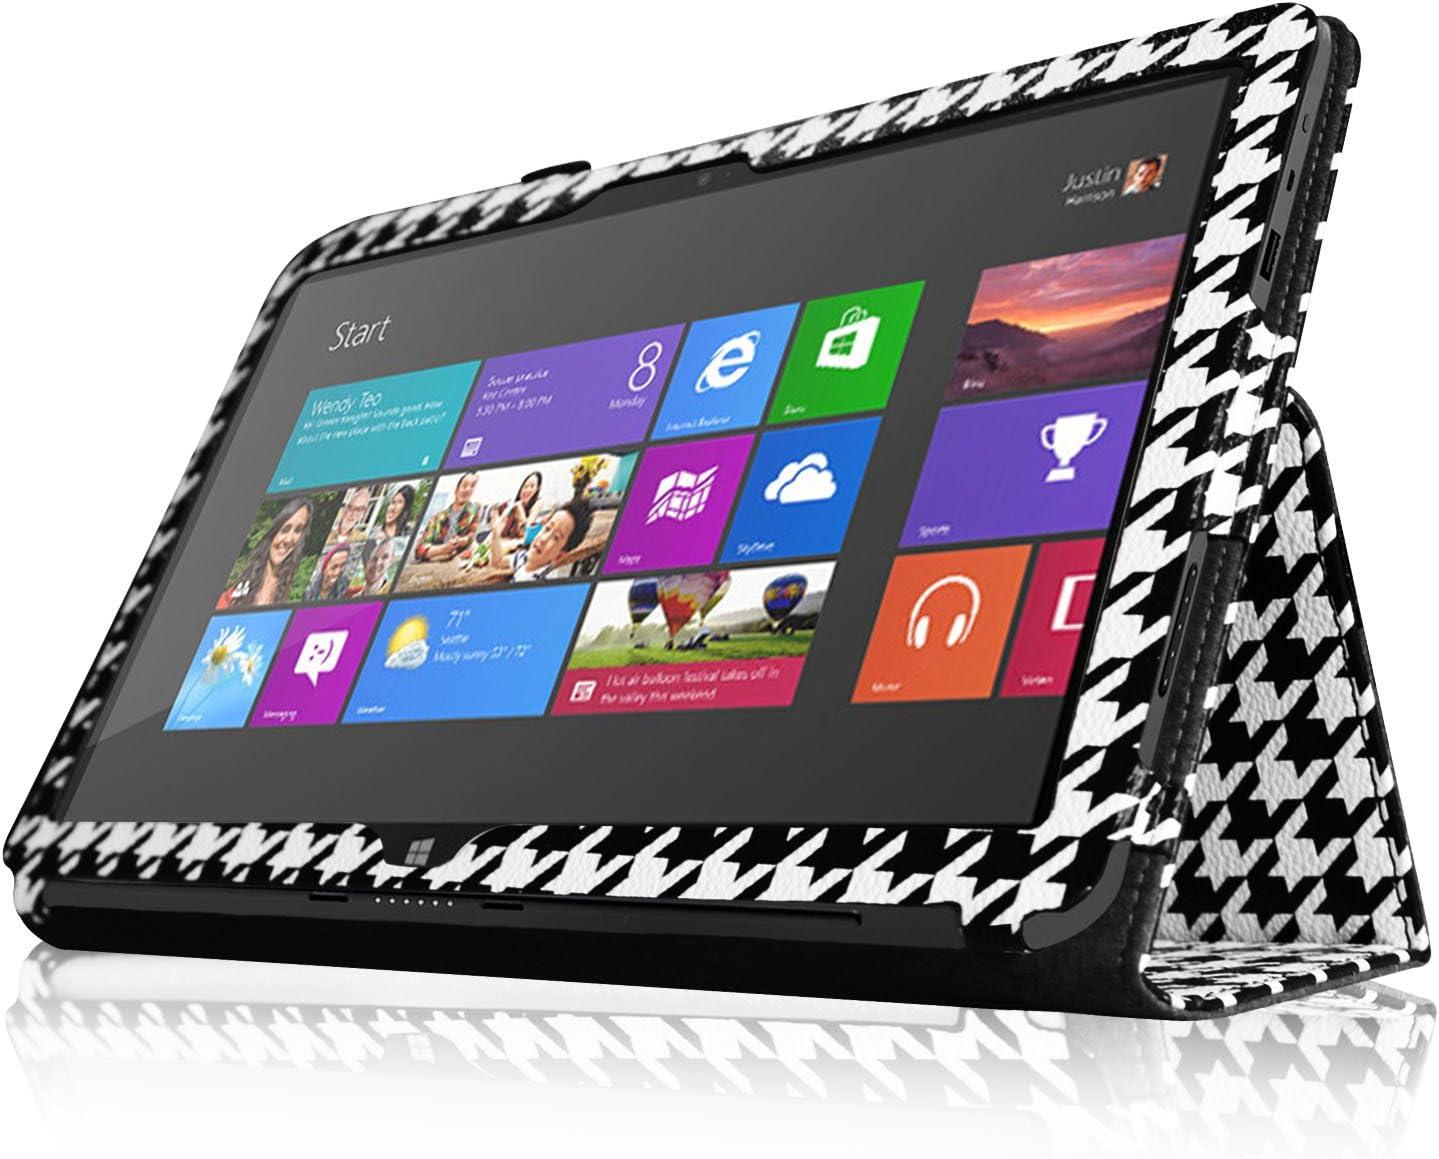 passt Nicht f/ür Windows 8 Pro, inkl. Eingabestift-Halterung Schwarz Surface 2 // Surface RT ZZ Braun//Schwarz , Fintie Schutzh/ülle f/ür Microsoft Surface RT//Surface 2 mit 25,7 cm 10,6 Zoll